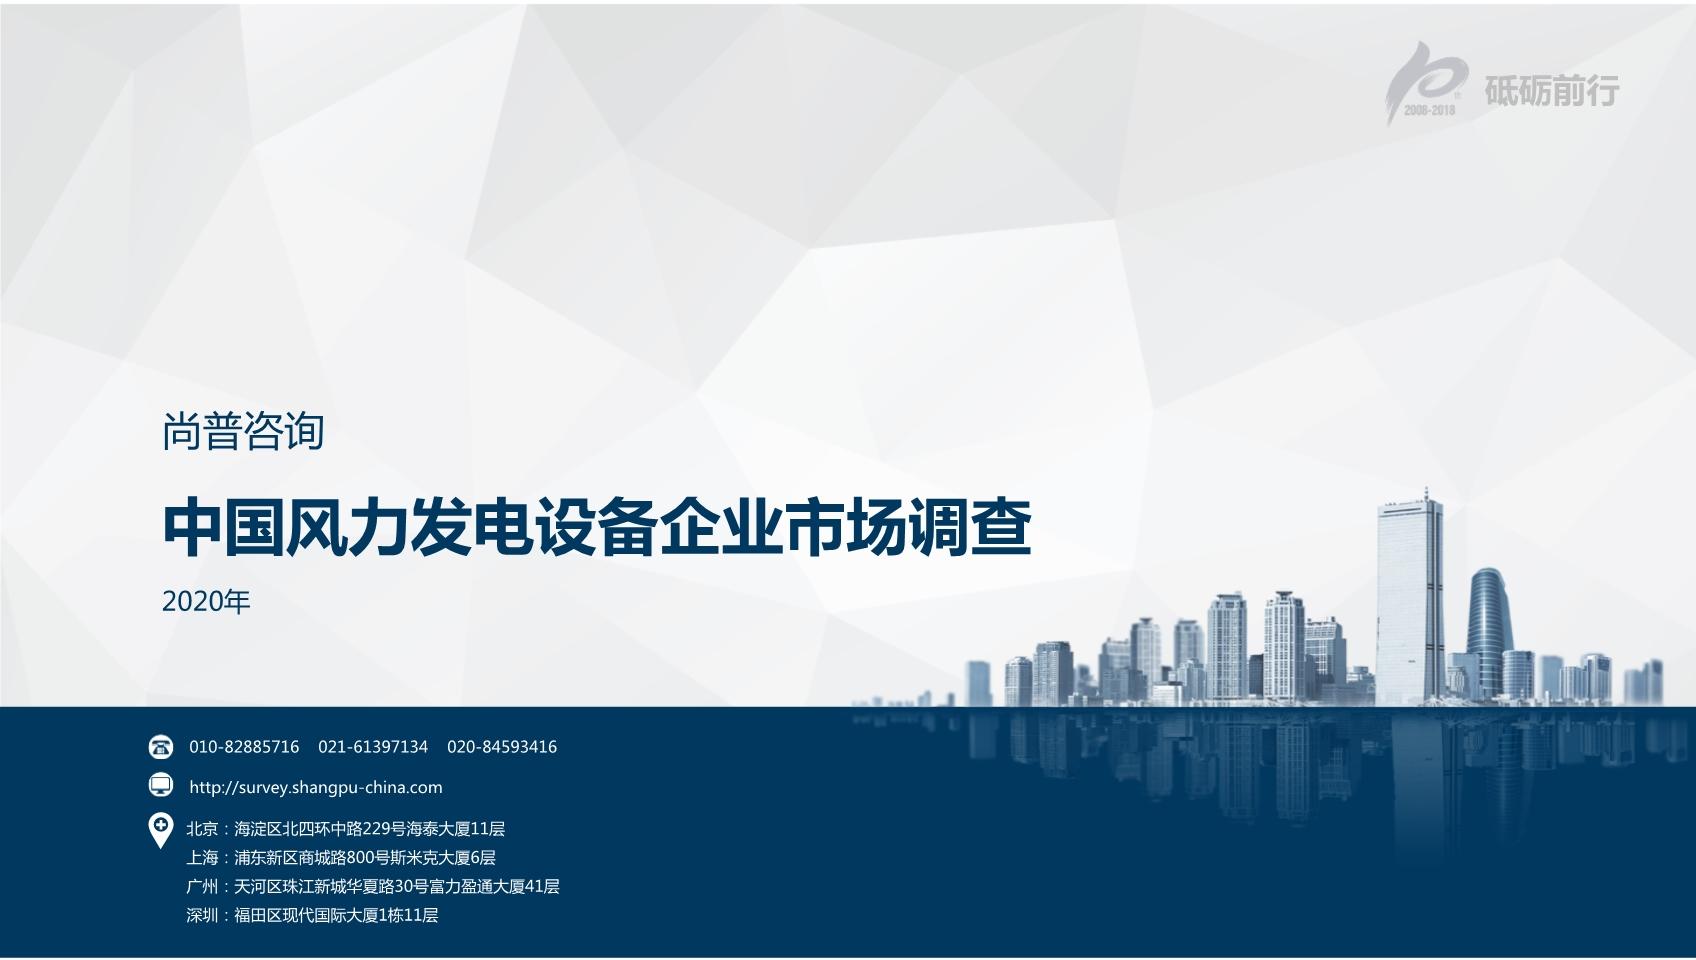 尚普咨询:2020年中国风力发电设备企业市场调查